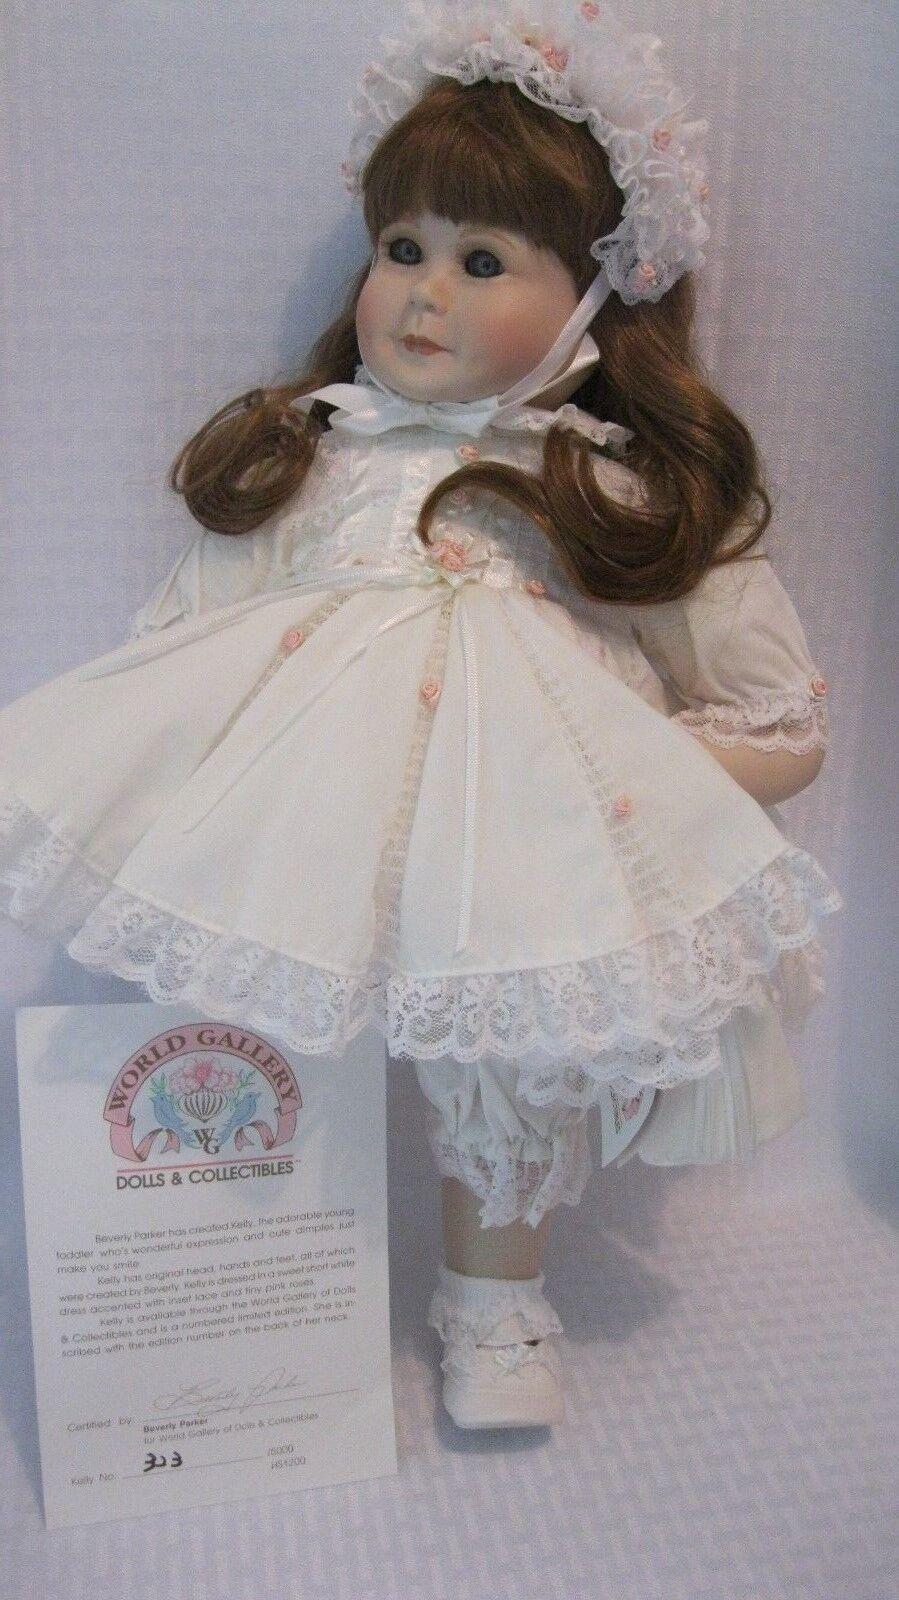 grandi risparmi World Gtuttiery Beverly Parker Porcelain Toddler bambola Kelly Kelly Kelly used w scatola  le migliori marche vendono a buon mercato